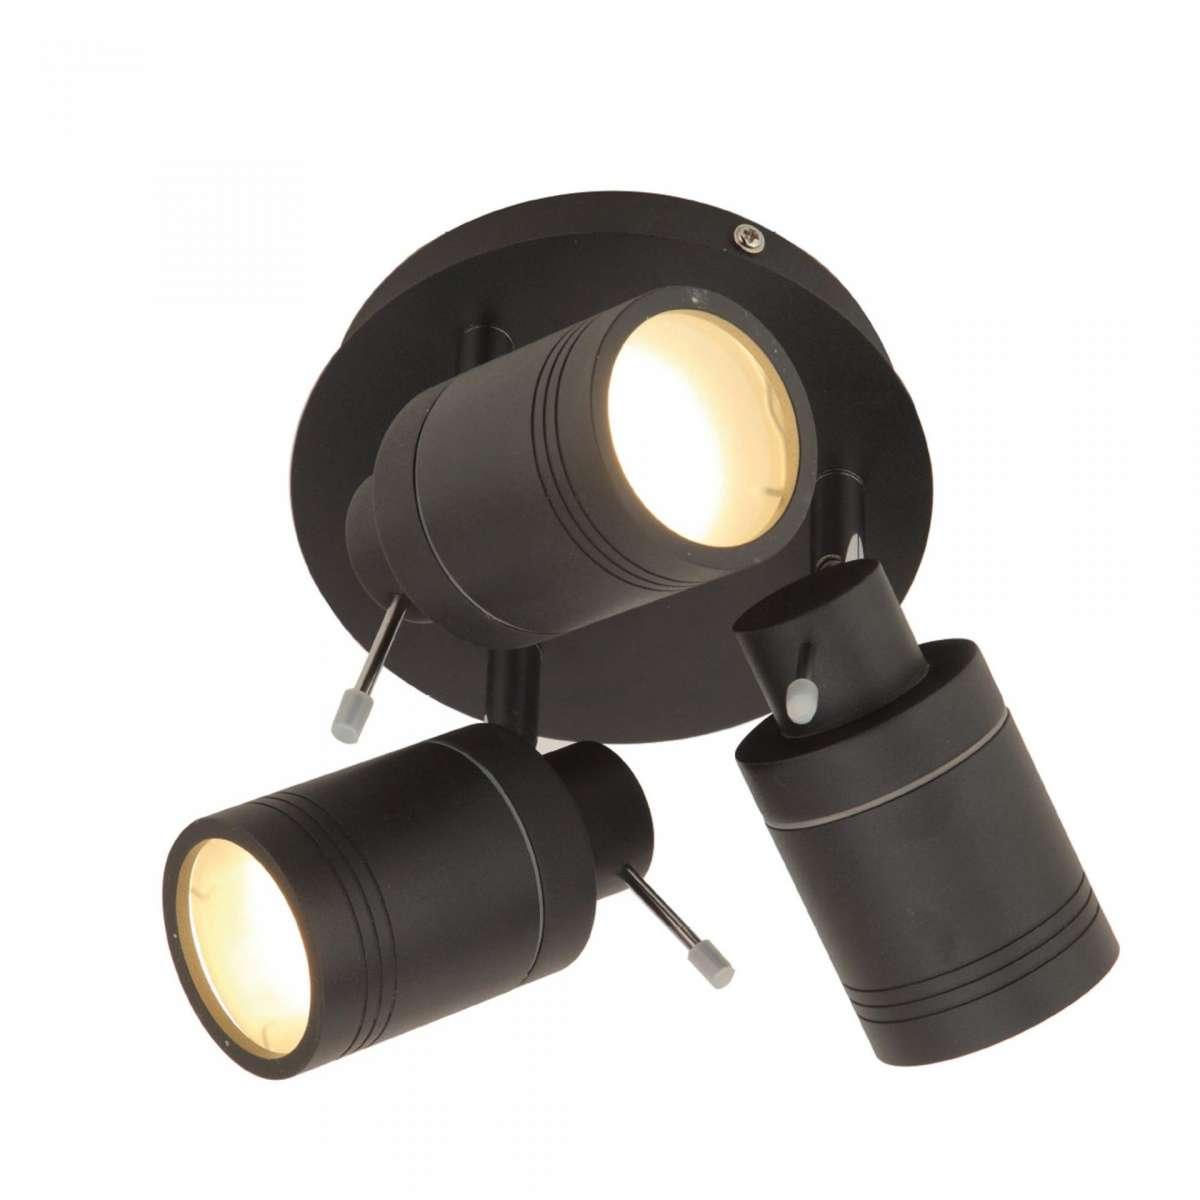 Scorpius 3 Light Matt Black Bathroom Spotlight